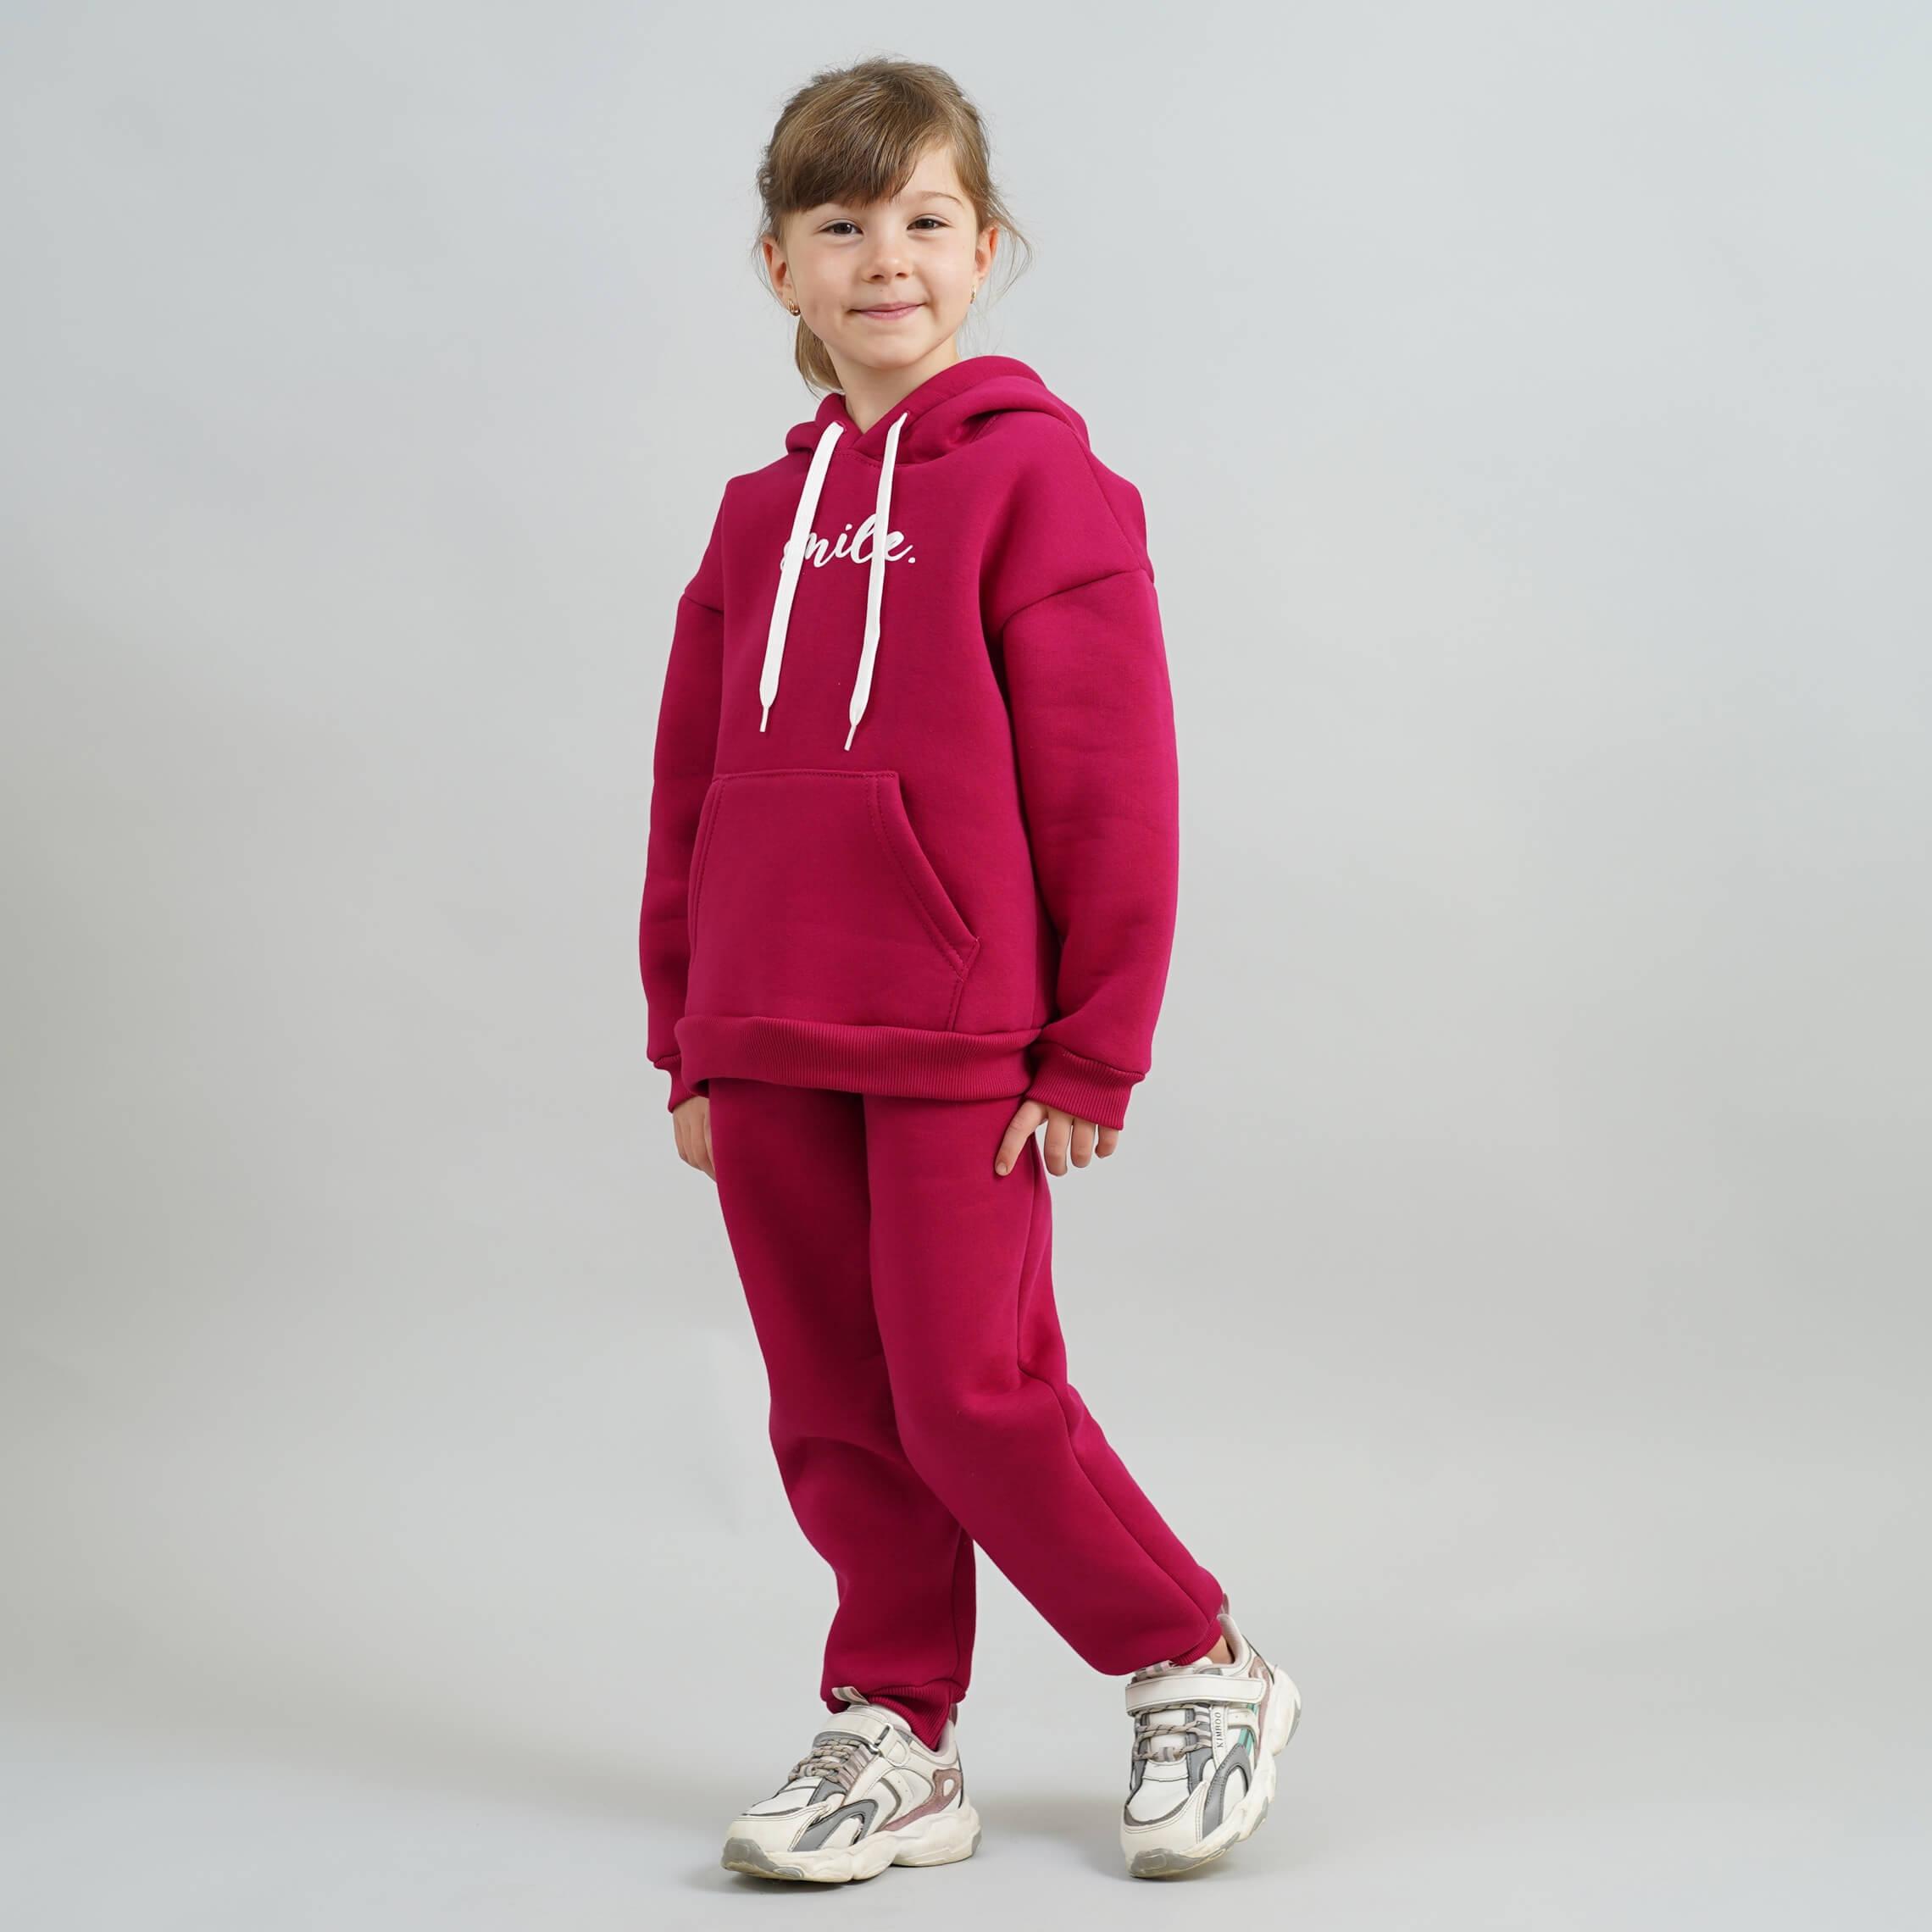 Стильный теплый костюм для девочки